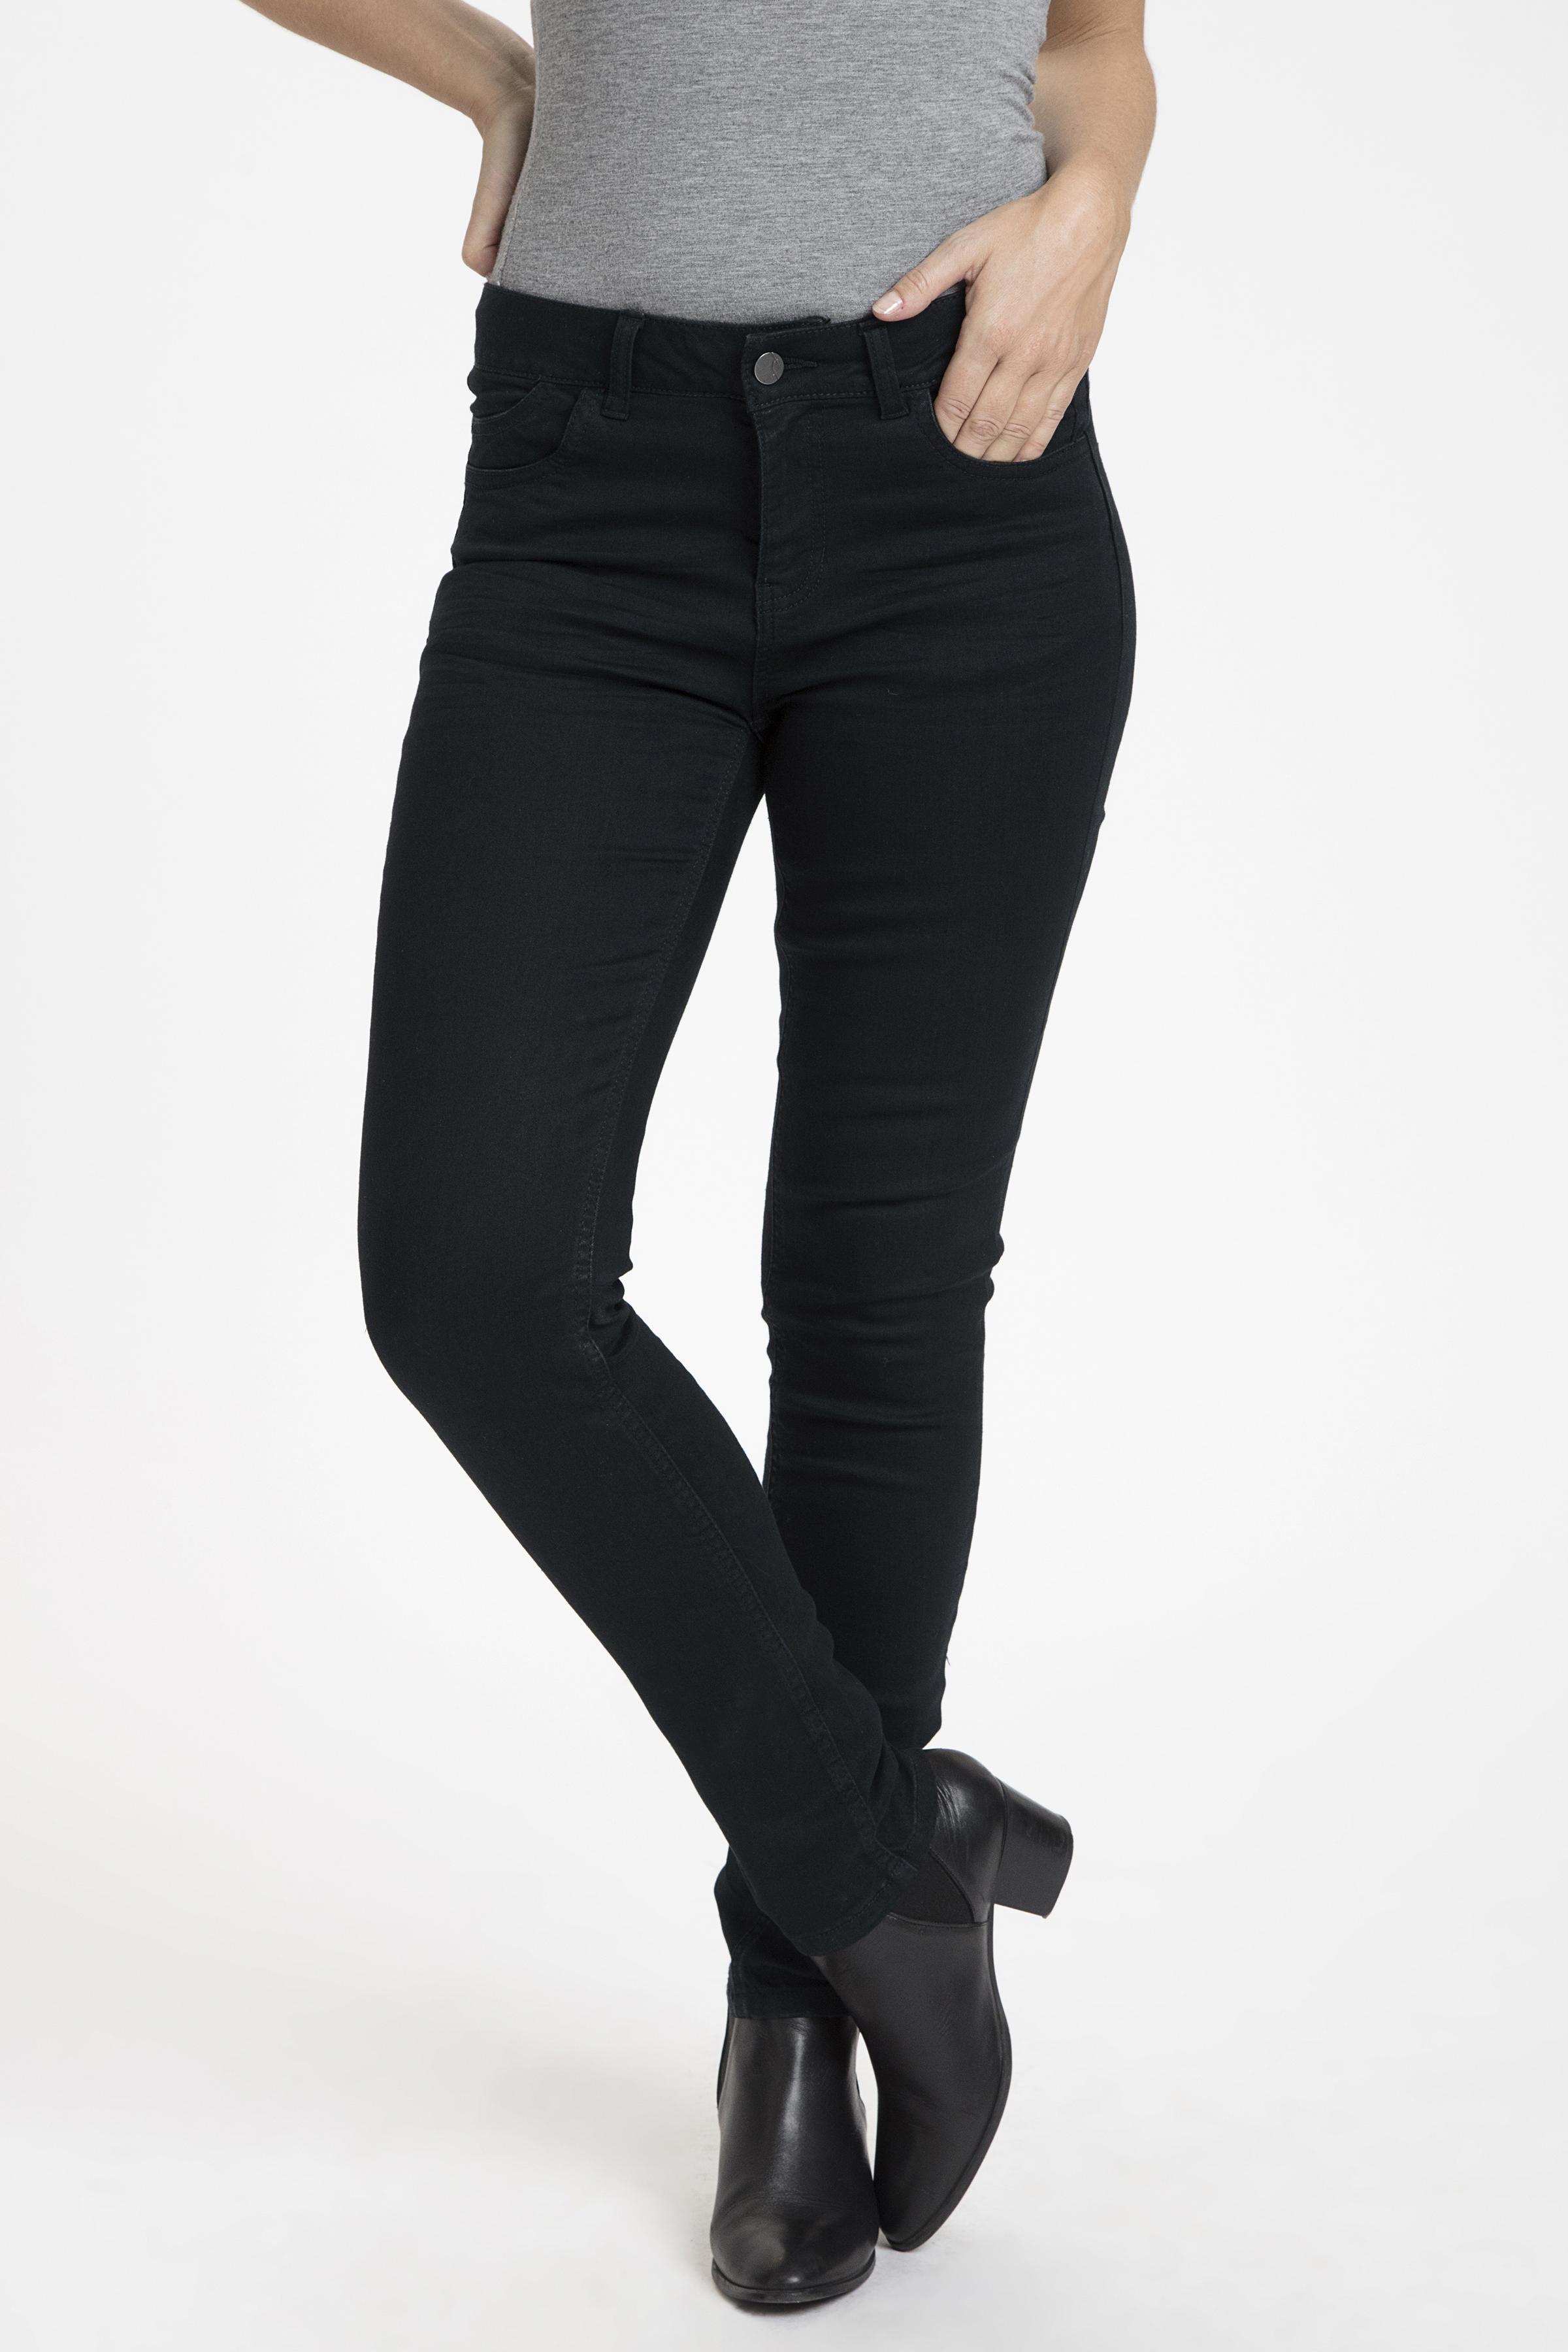 Sort denim Jeans fra Fransa – Køb Sort denim Jeans fra str. 34-46 her